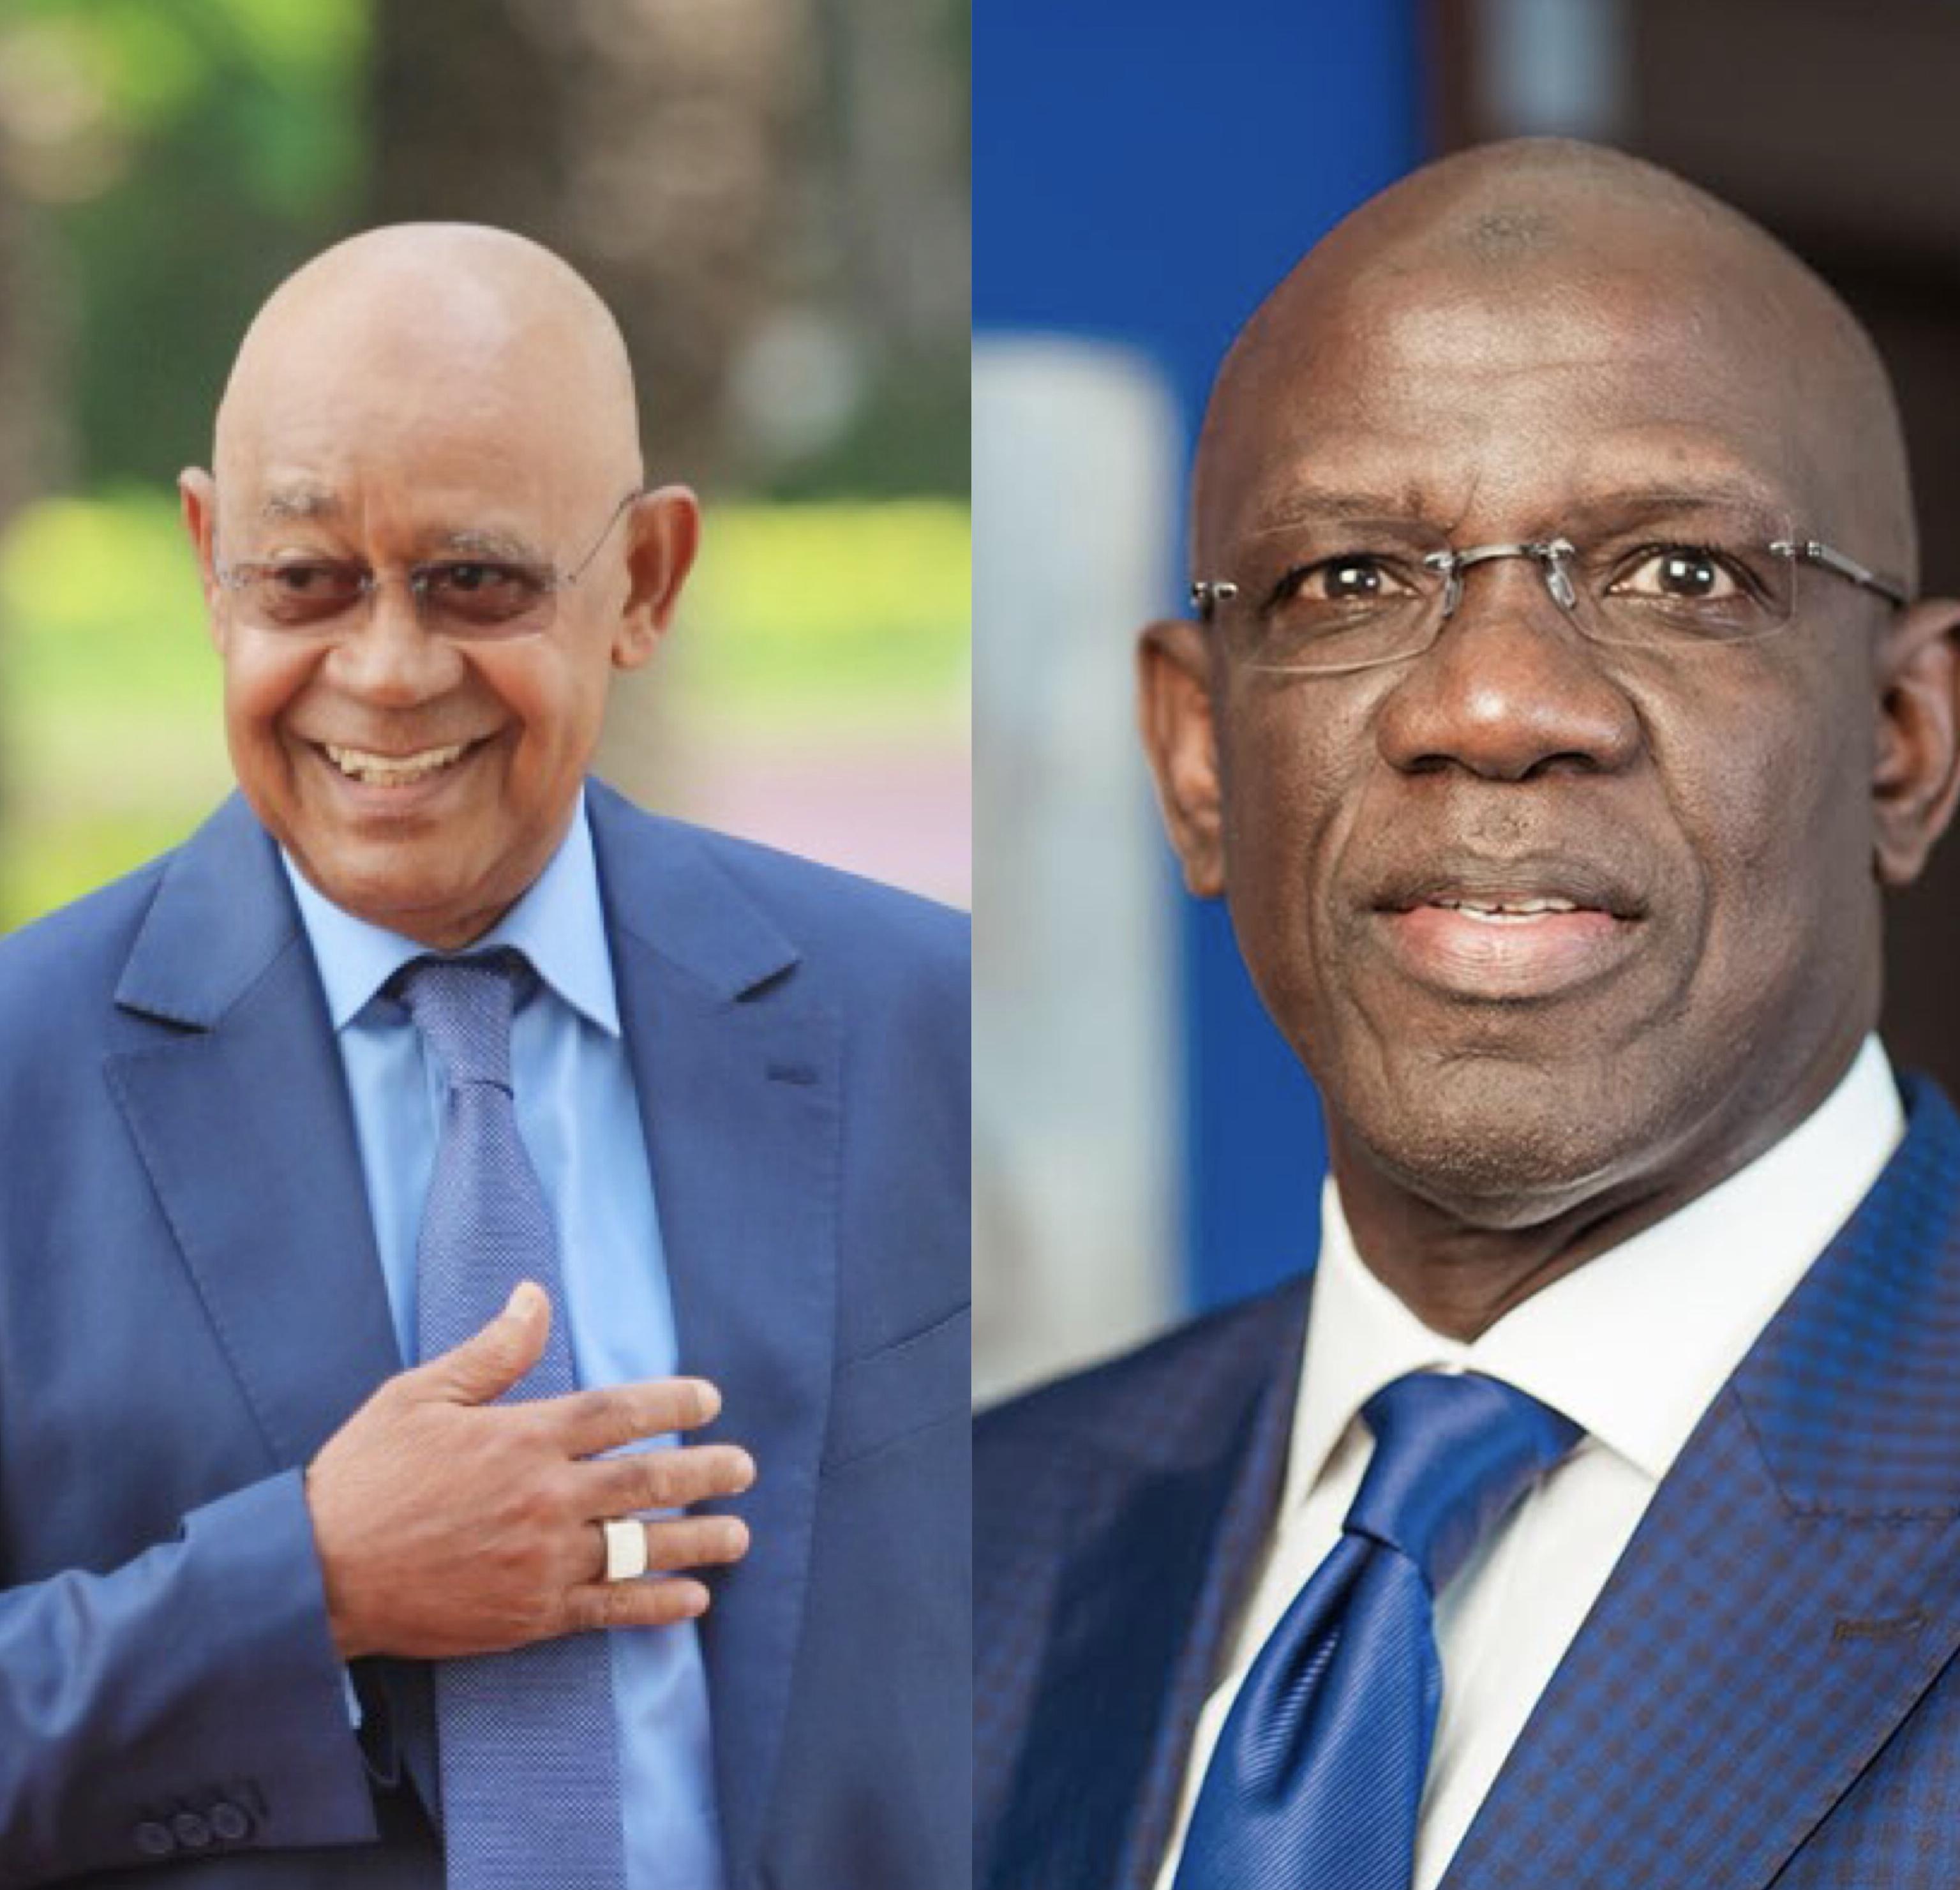 """Attaque """"Saleh"""" contre Me Mame Adama Guèye / Macky défendu par son directeur de cabinet politique : Que cherche t'il?"""